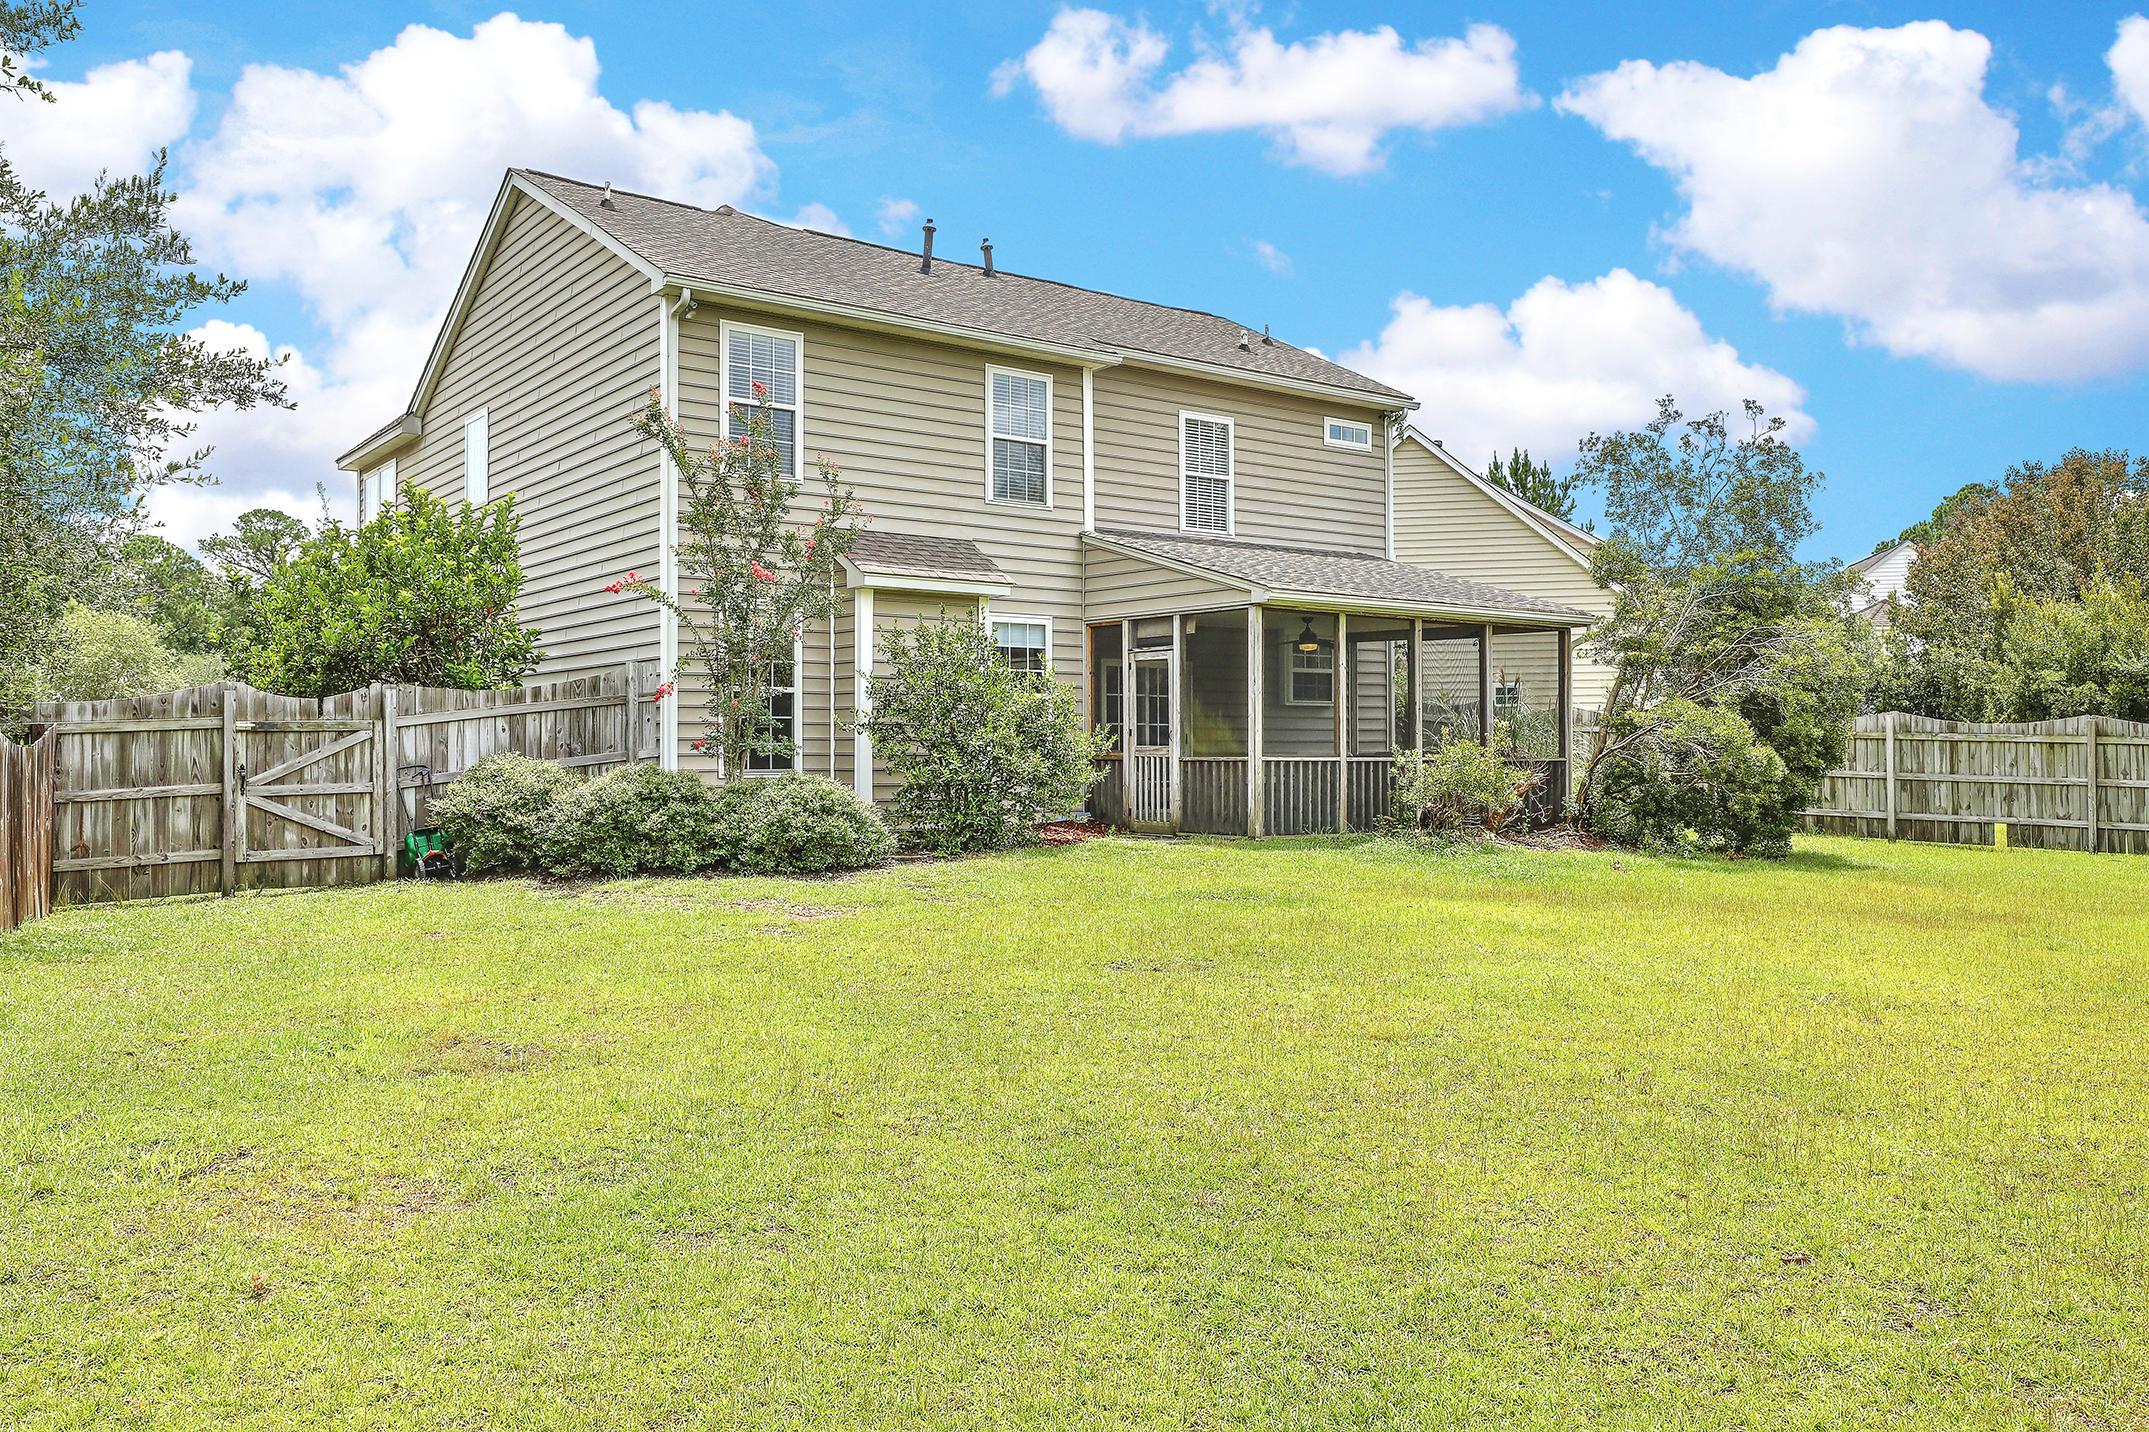 Park West Homes For Sale - 1676 Jorrington, Mount Pleasant, SC - 10